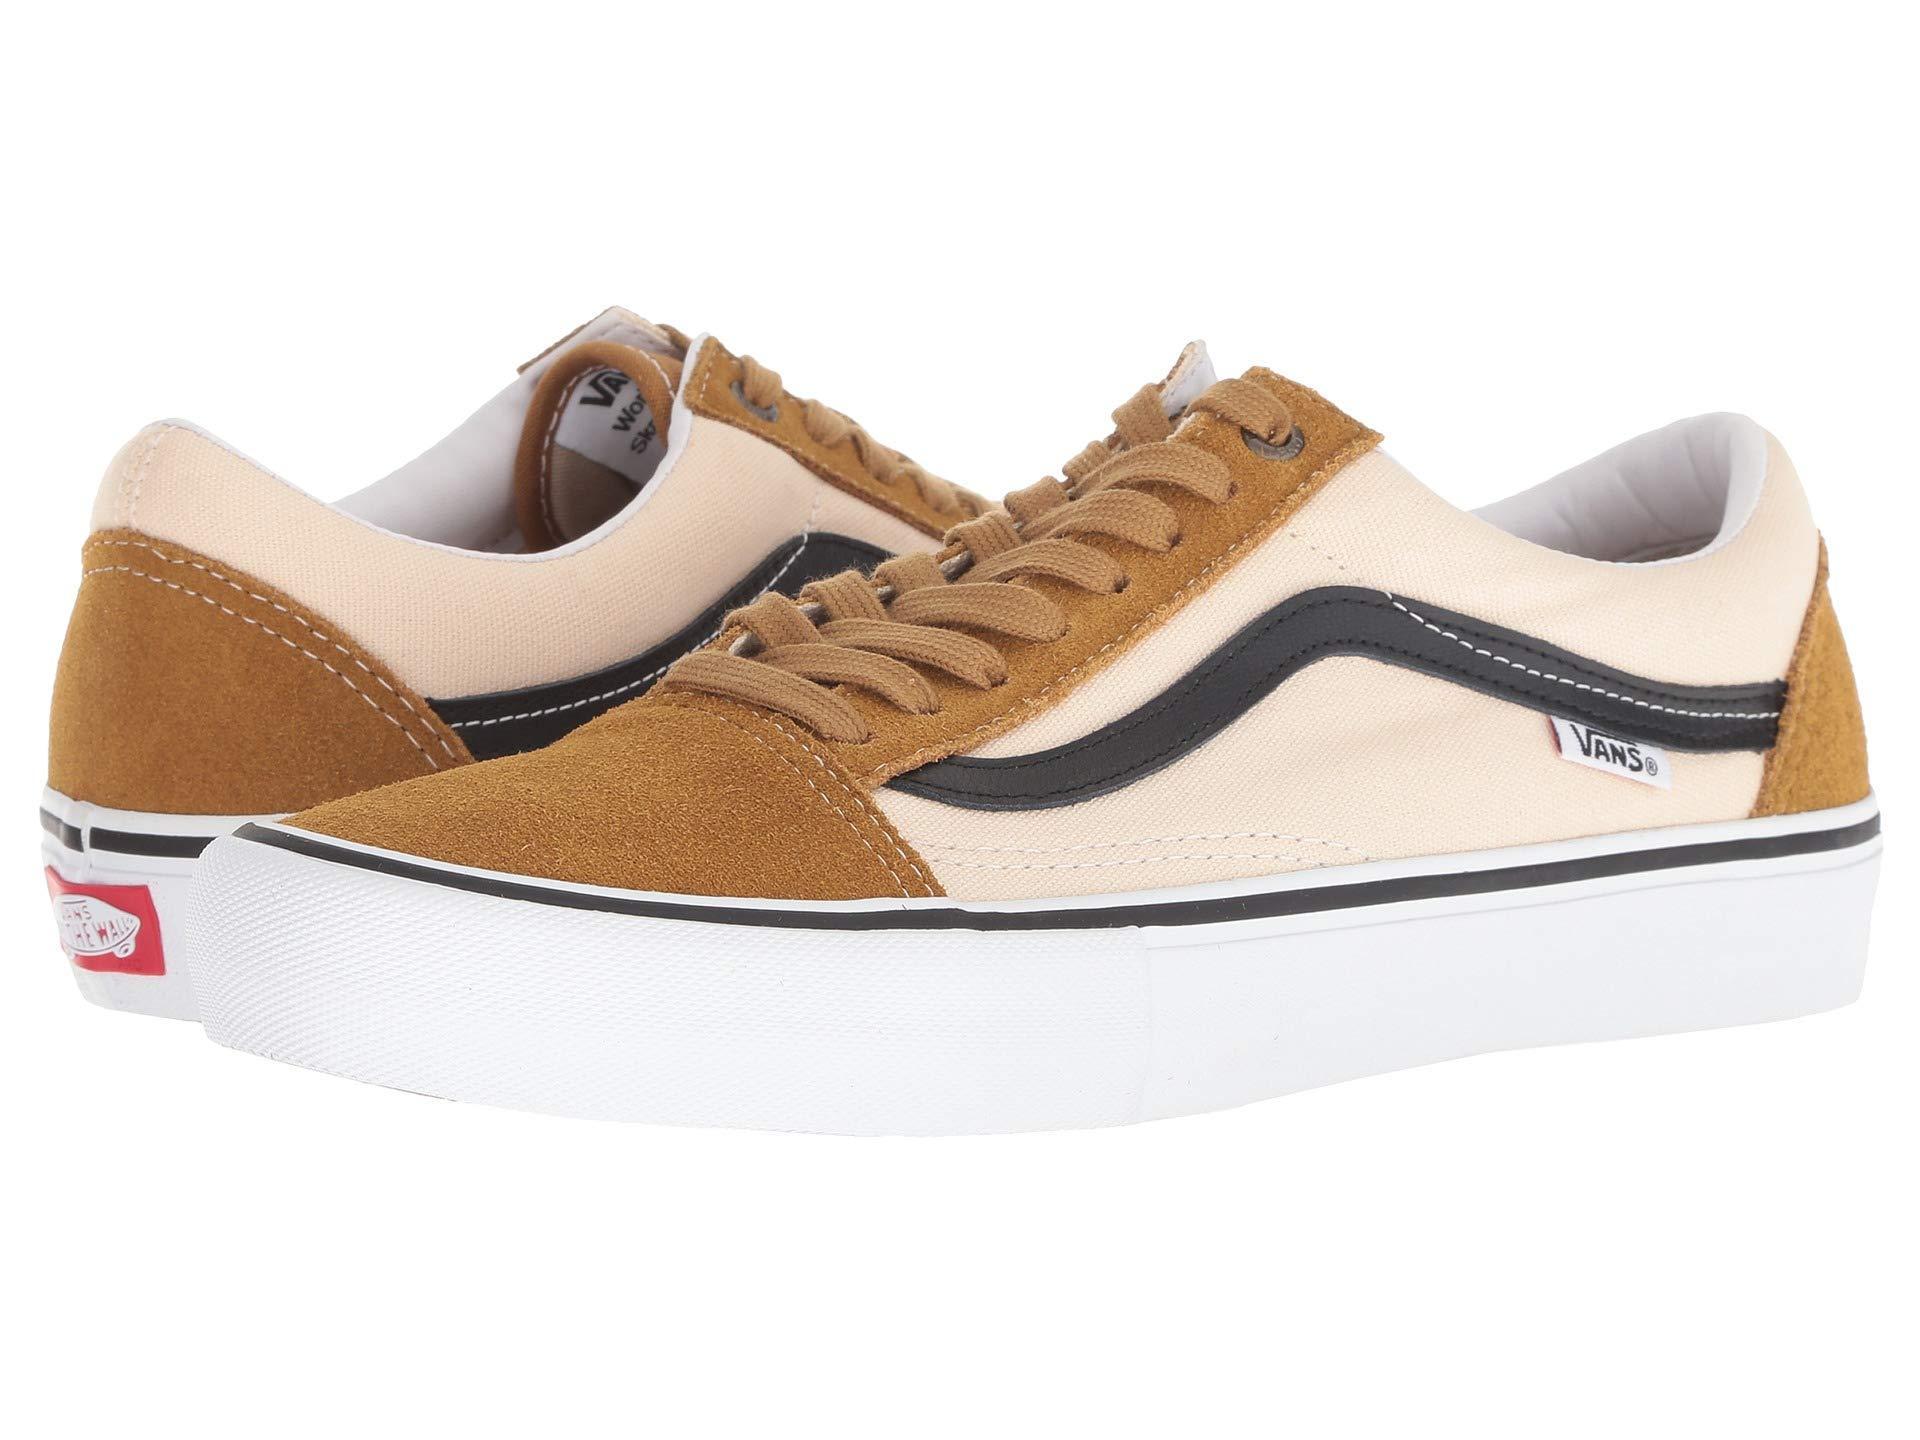 619fcd3488c Vans - Multicolor Old Skool Pro ((ballistic) Marshmallow black) Men s Skate.  View fullscreen